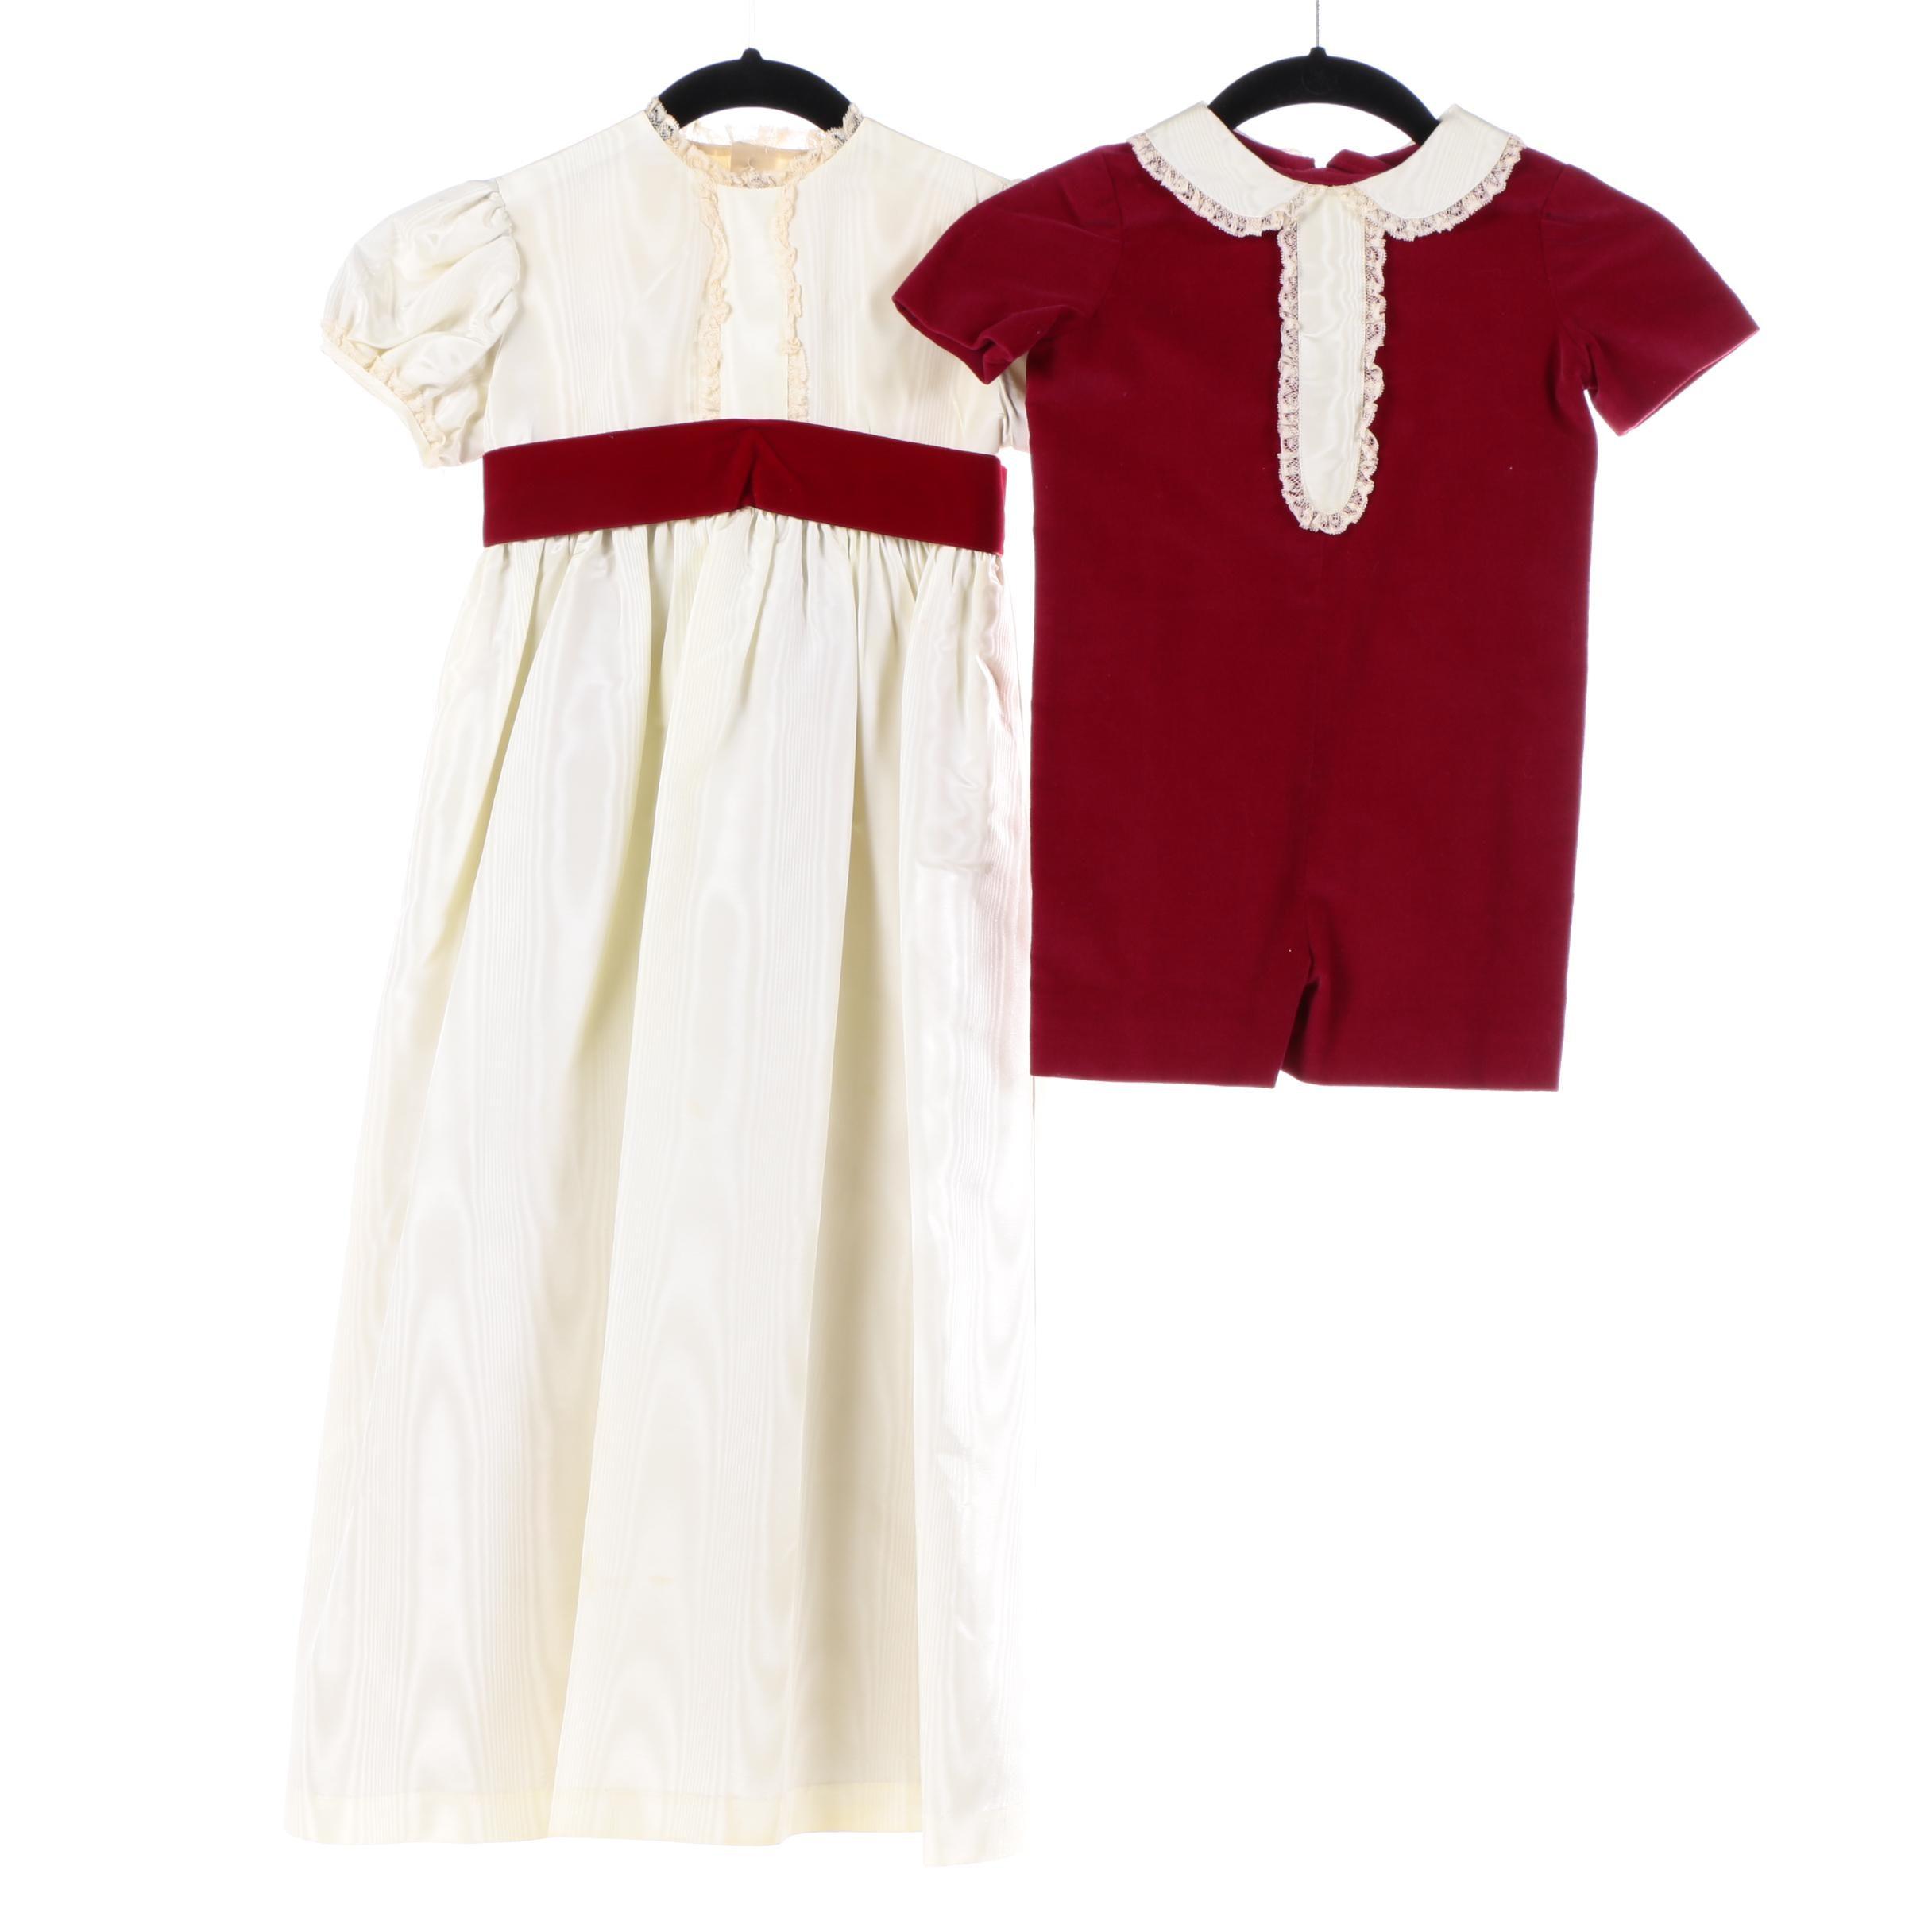 Girls' Vintage Dresses